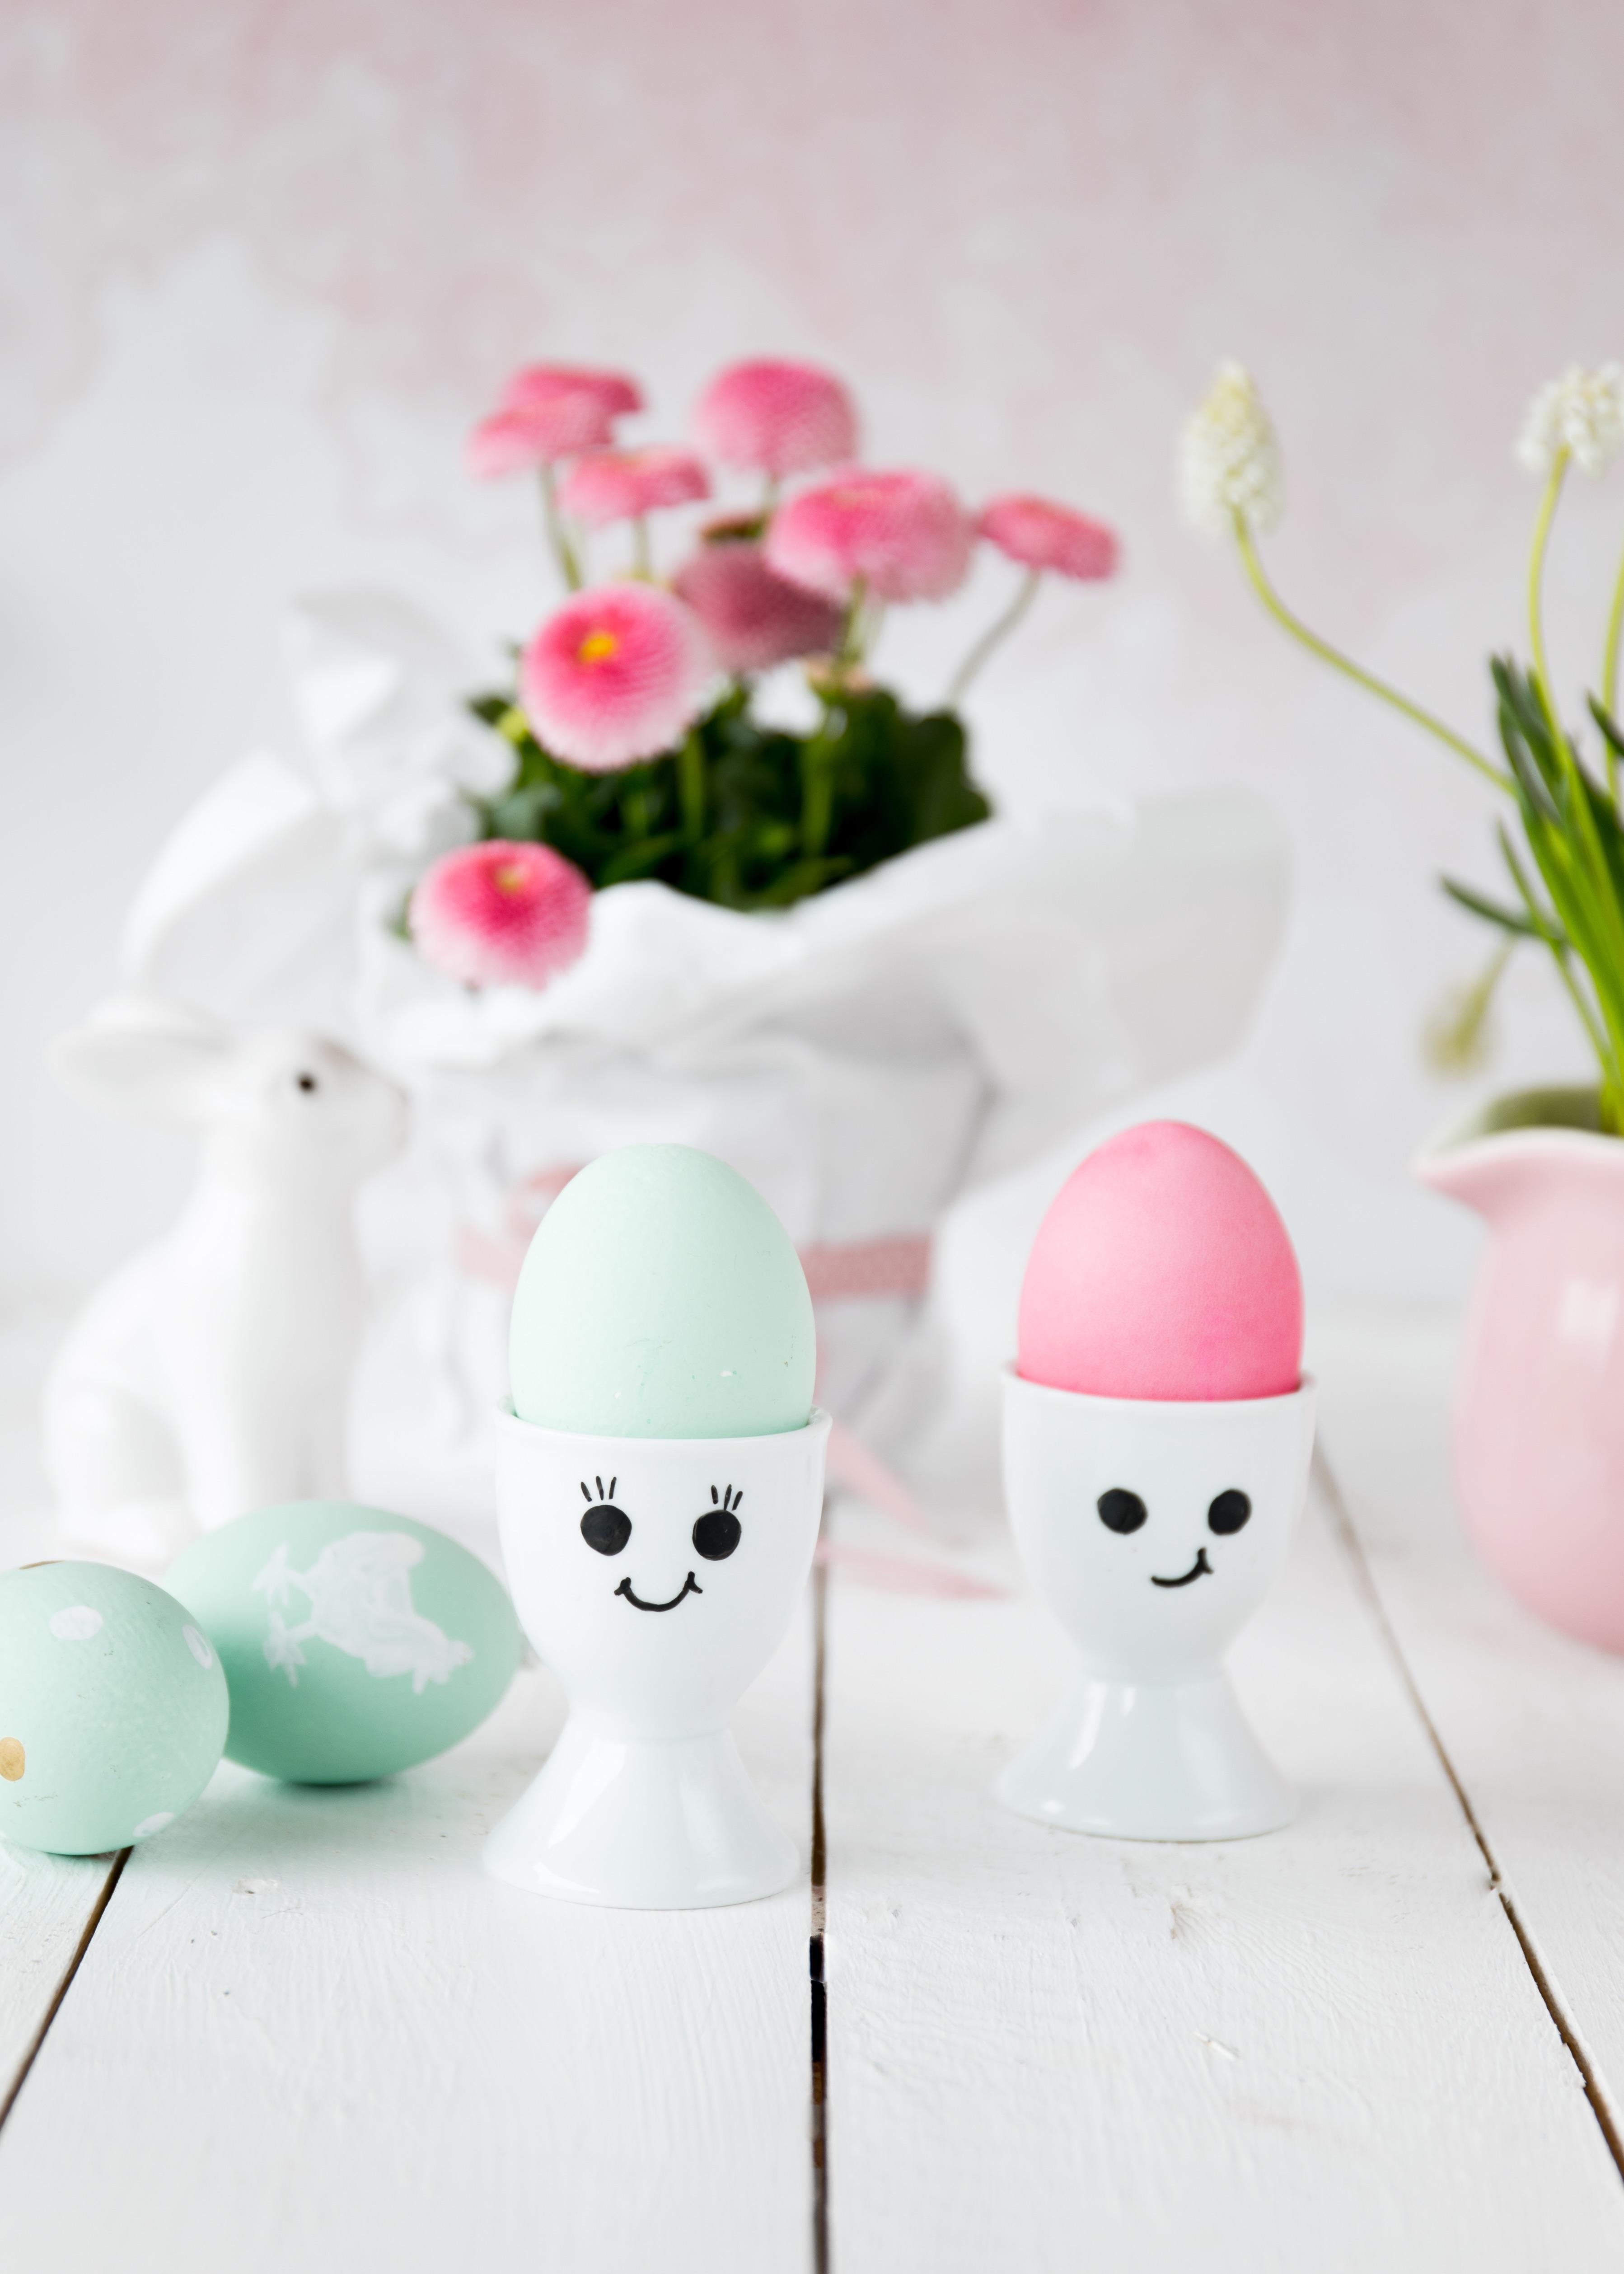 DIY: Eierbecher zu Ostern dekorieren bemalen #eierbecher #ostern #easter | Emma´s Lieblingsstücke